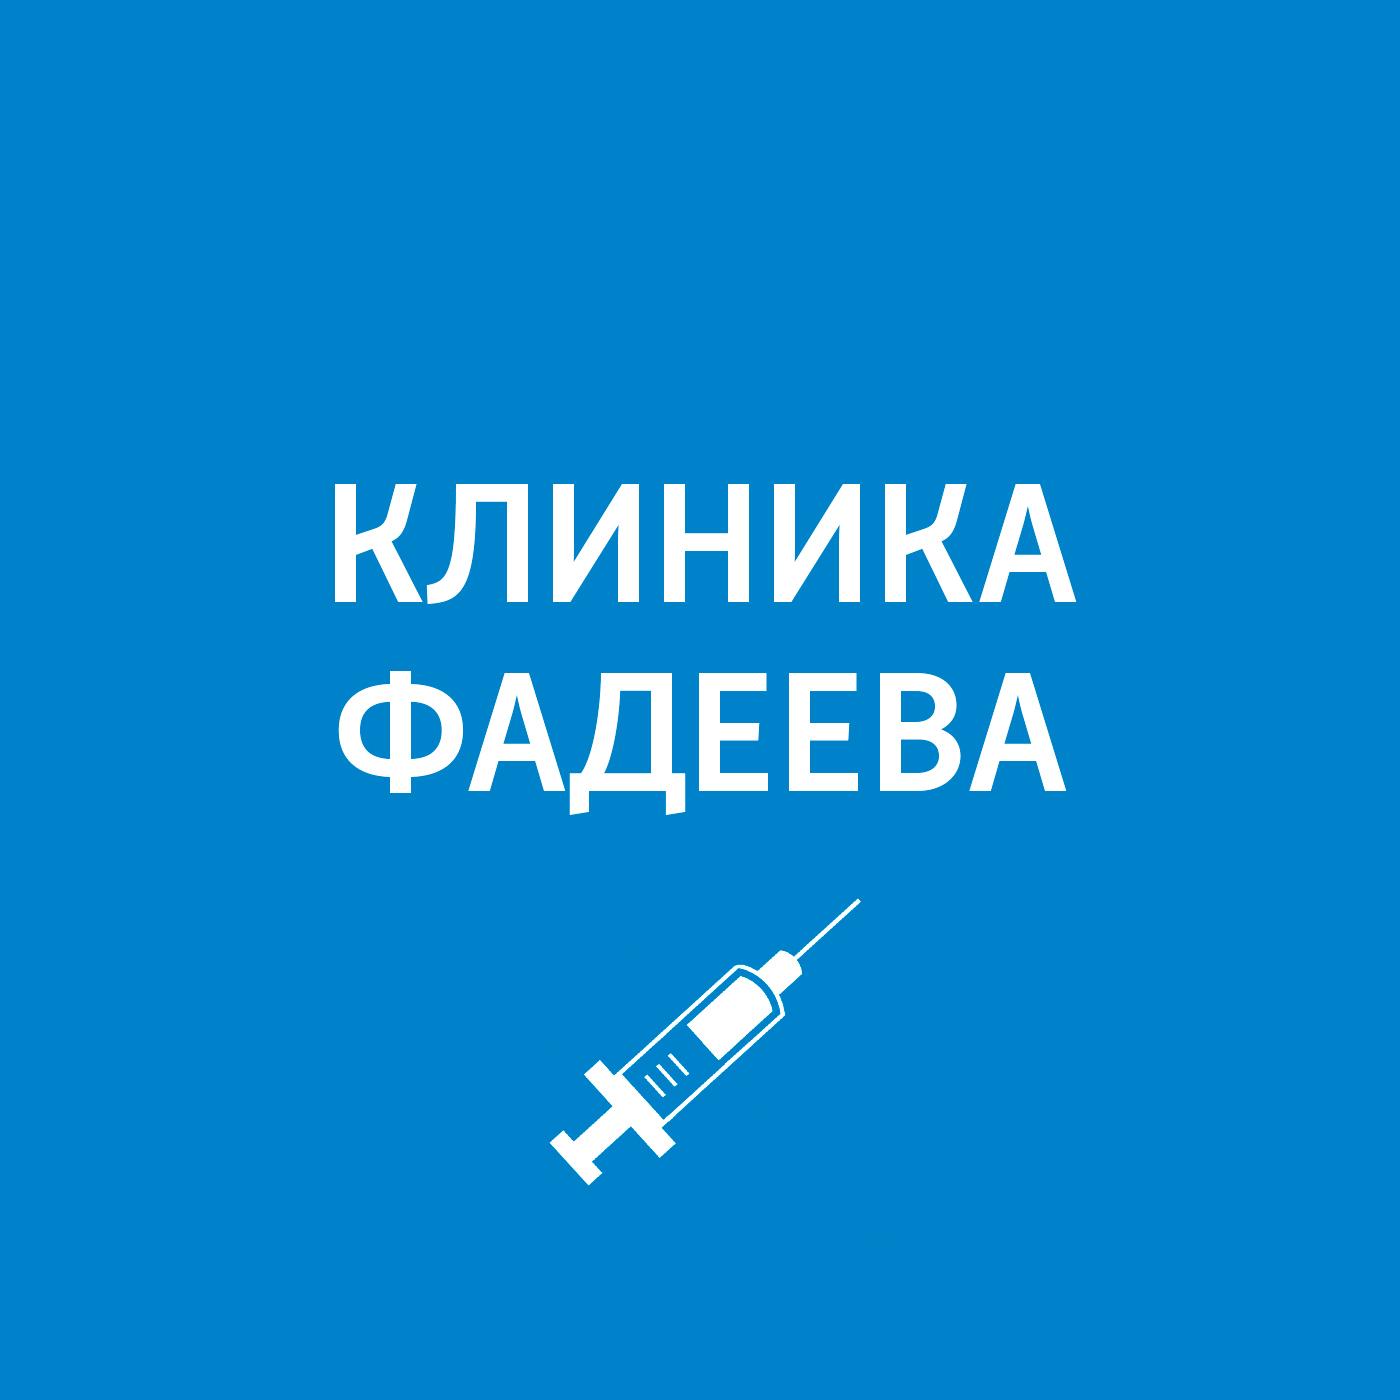 Пётр Фадеев Приём ведёт офтальмолог. Витамины для глаз цены